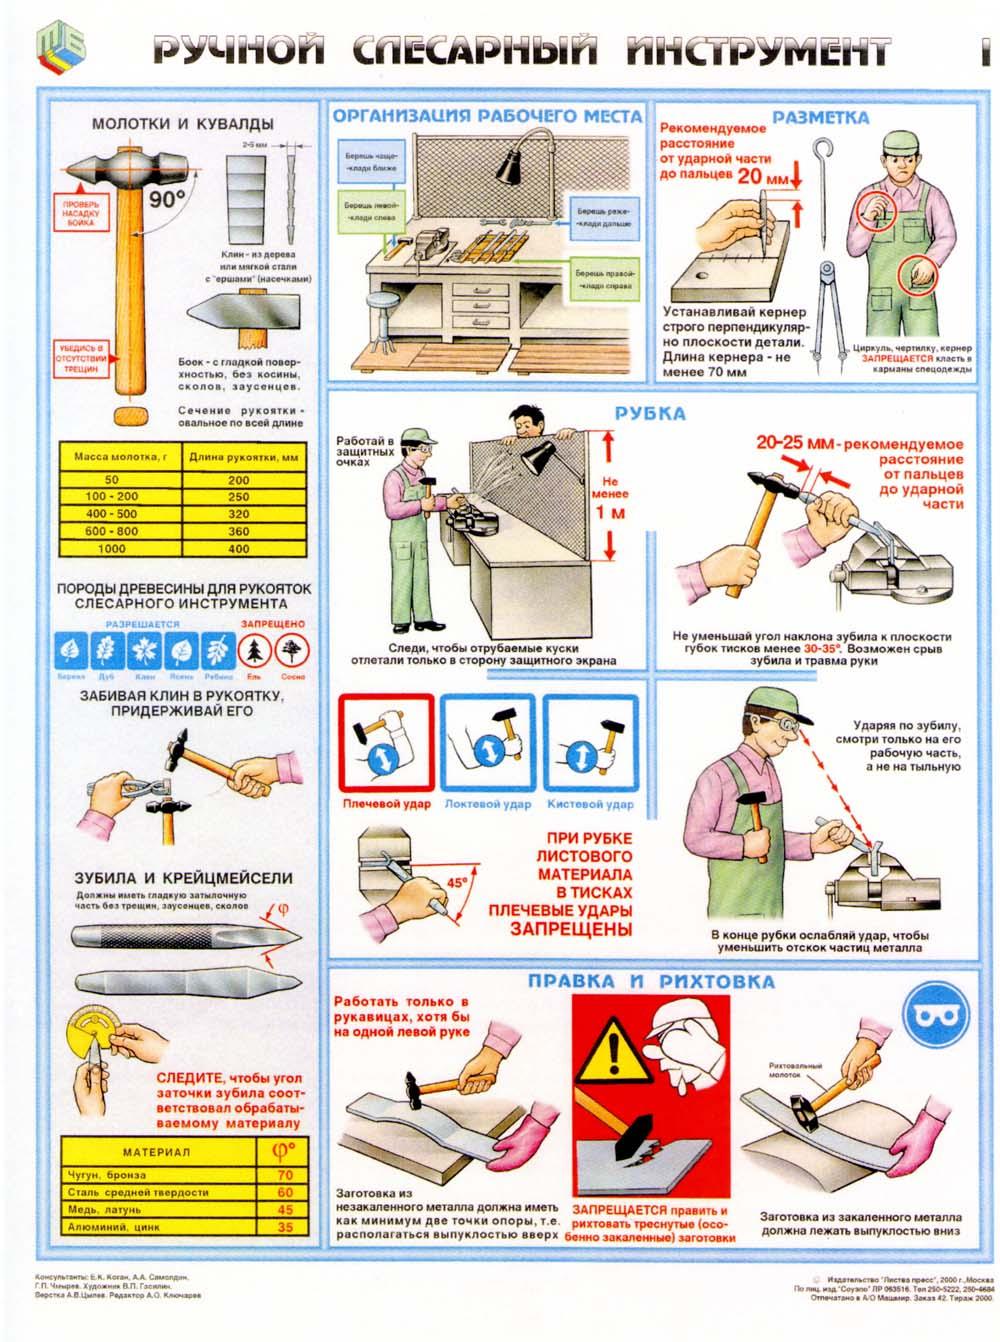 инструкция по работе с слесарным инструментом